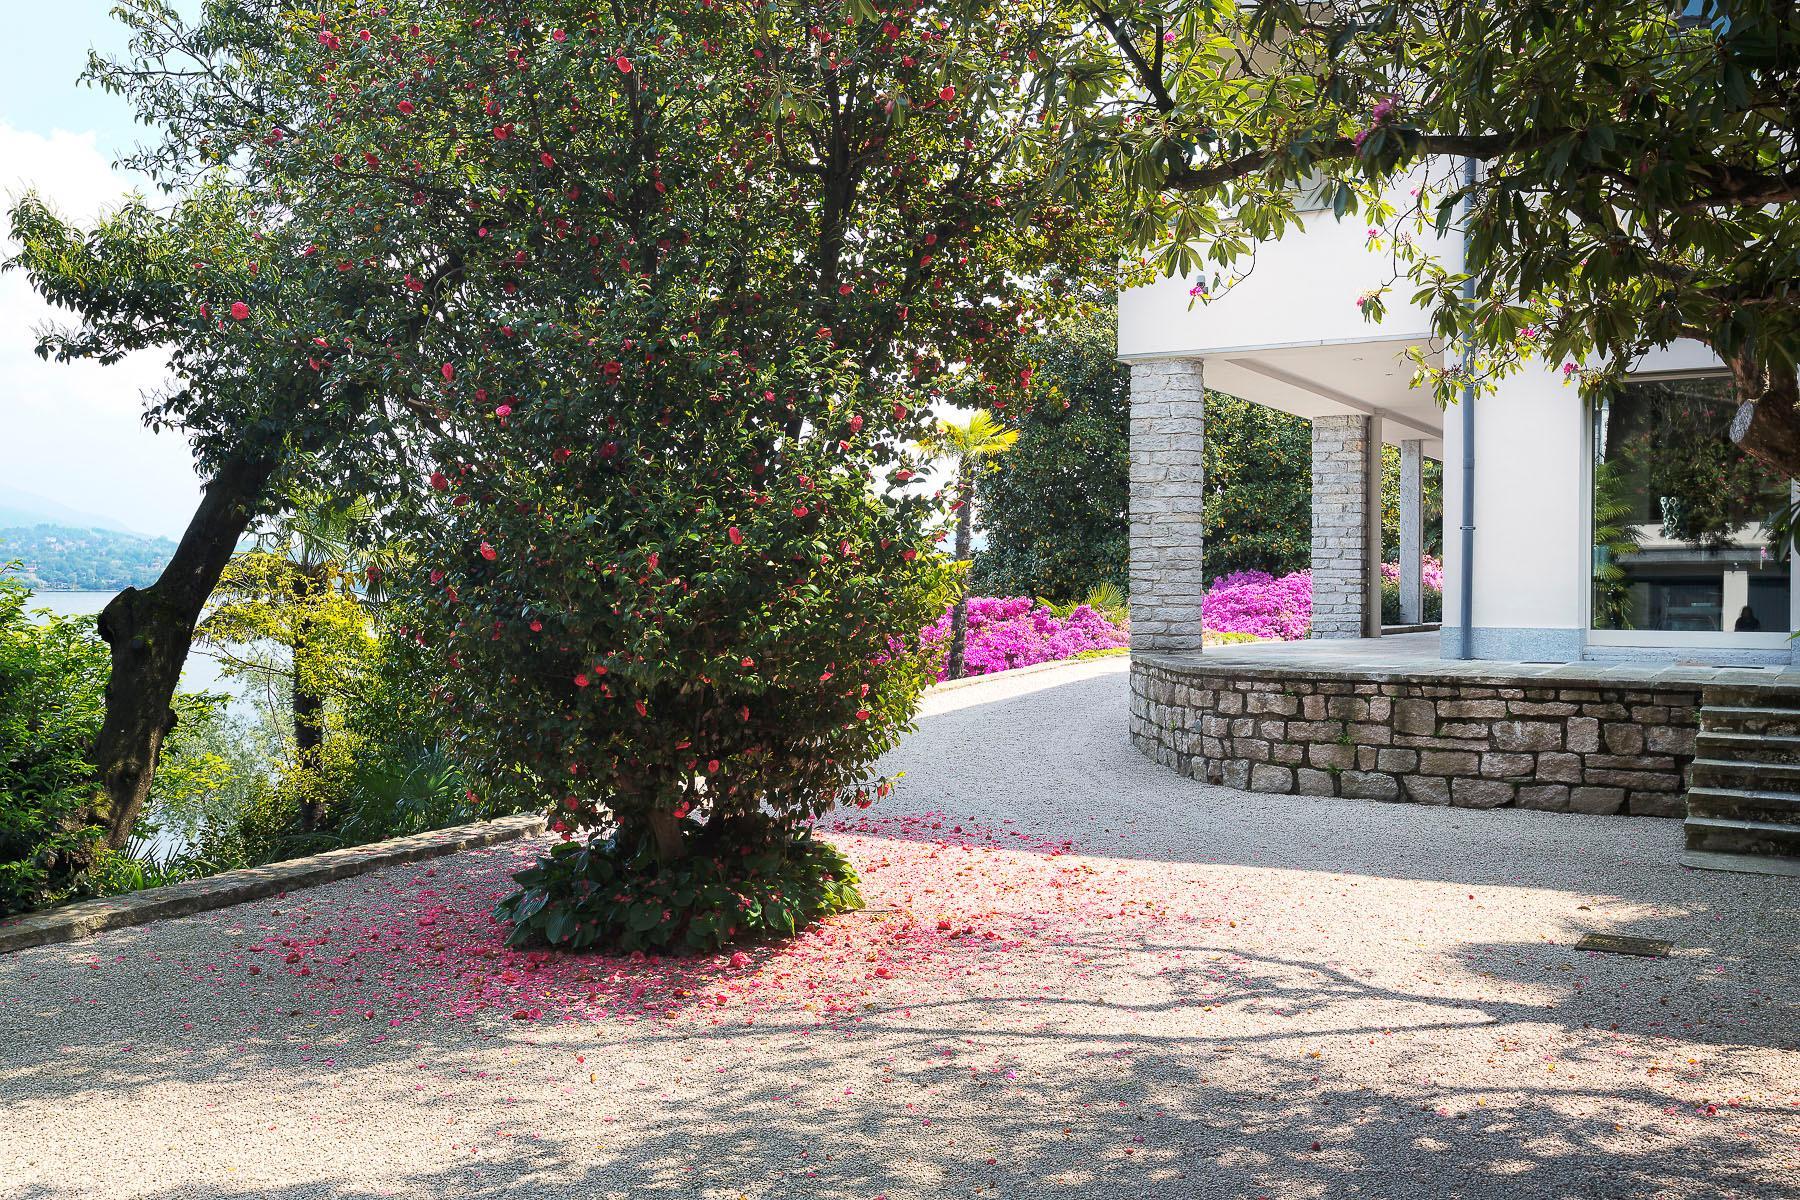 Stresa小镇具有现代化风格的迷人别墅 - 5